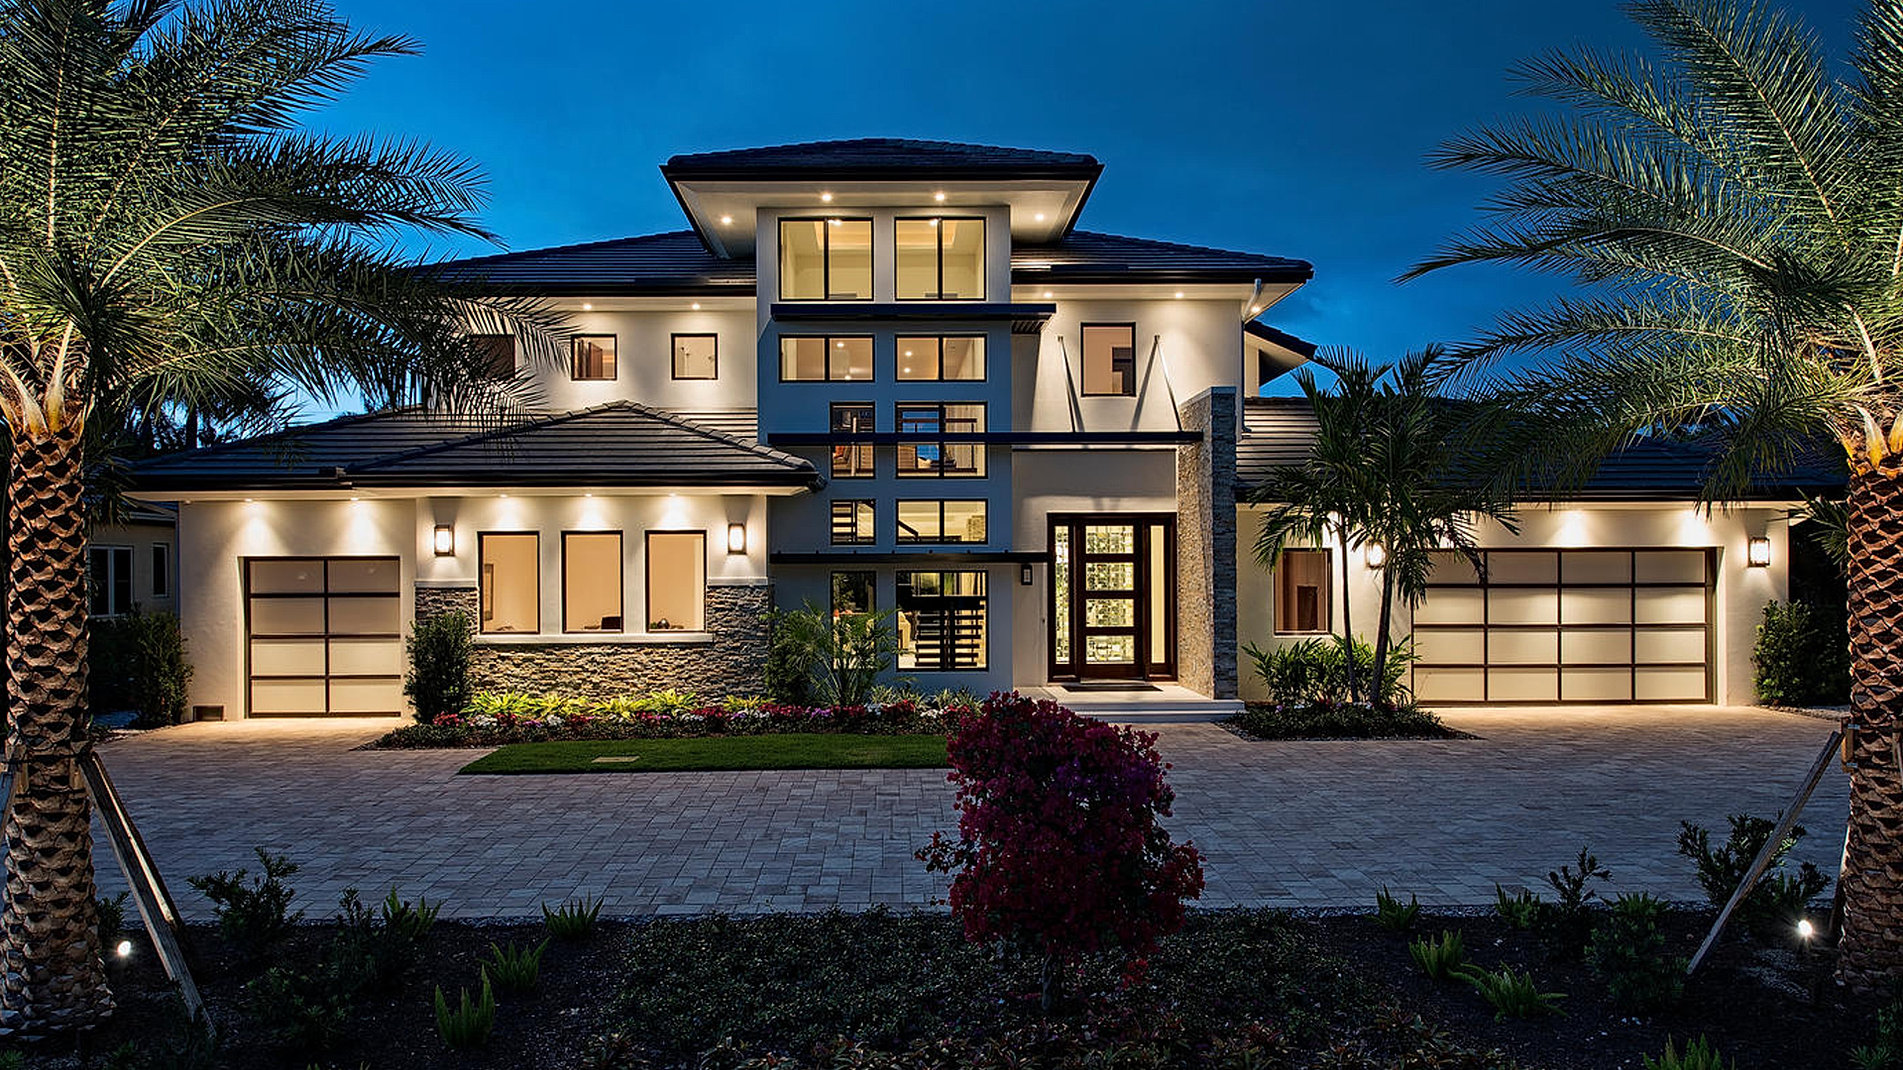 Best Kitchen Gallery: Luxury Homes Naples Buying Your Luxury Home In Vanderbilt Beach of Home Builders Naples Florida on rachelxblog.com